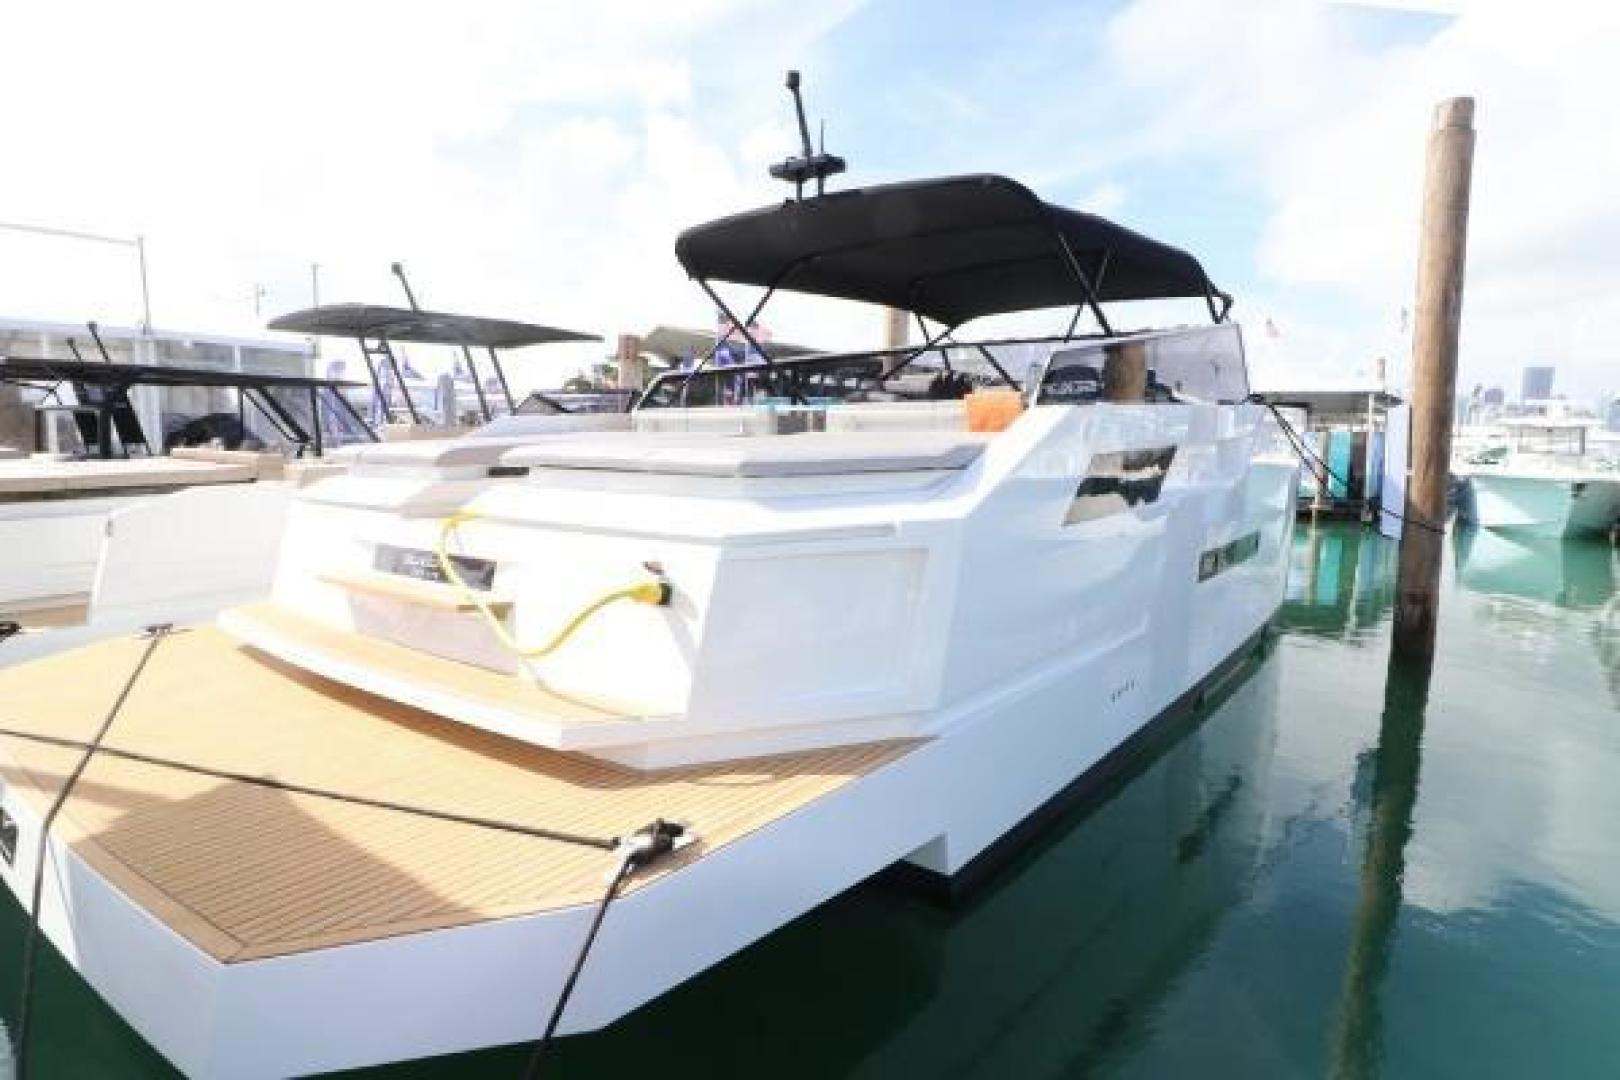 De Antonio-D46 Open 2020-De Antonio Yachts D46 Open Fort Lauderdale-Florida-United States-1523105 | Thumbnail